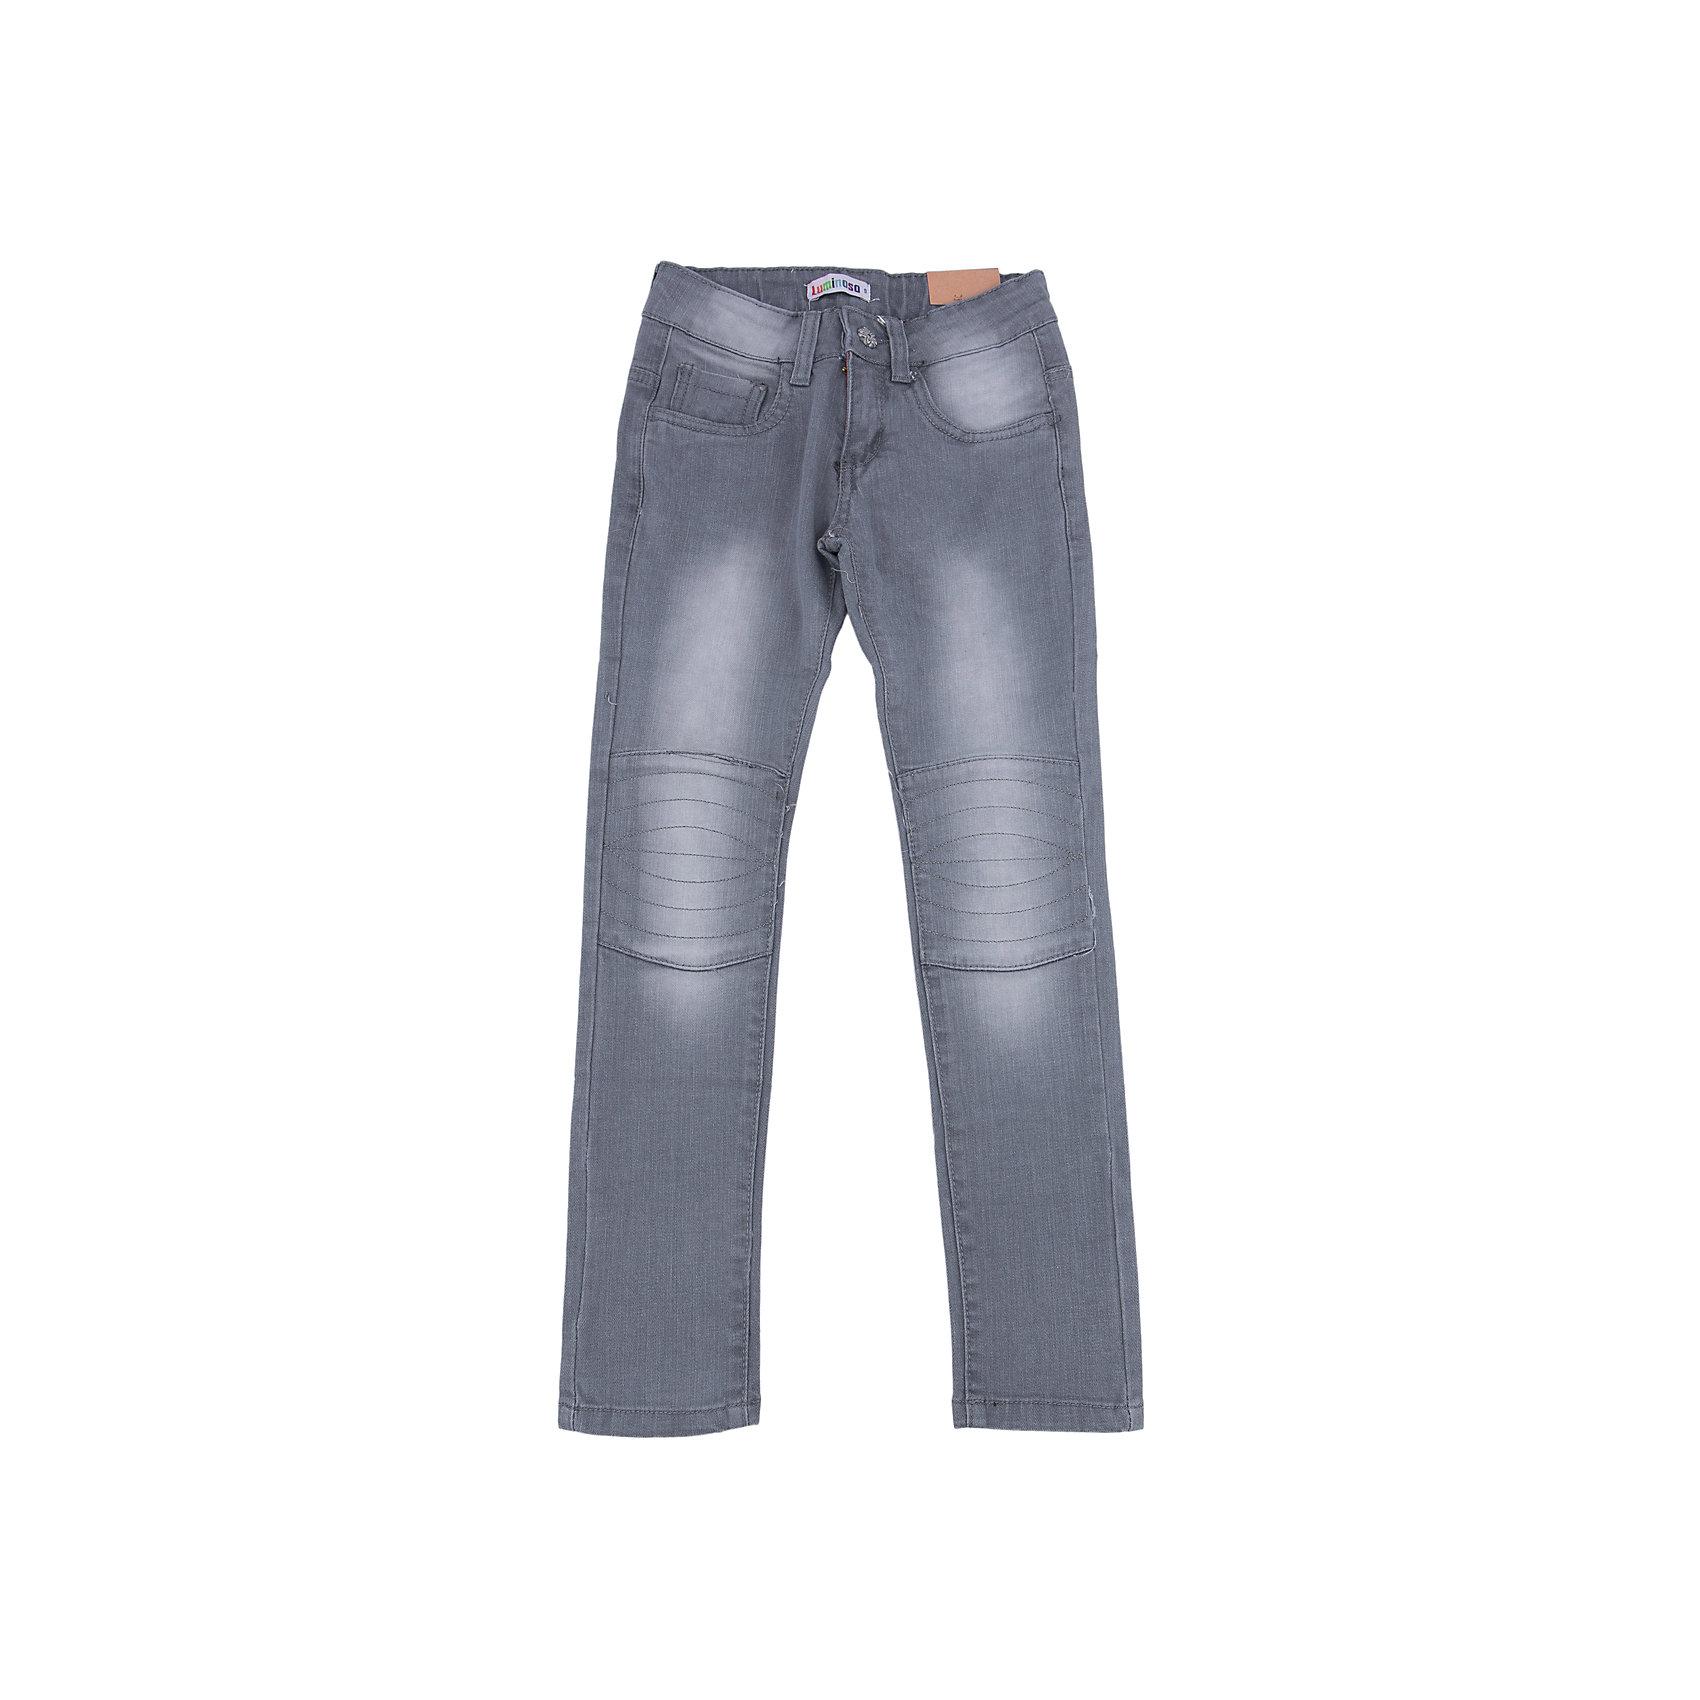 Джинсы для девочки LuminosoХарактеристики товара:<br><br>- цвет: голубой;<br>- материал: 98% хлопок, 2% эластан;<br>- застежка: пуговица и молния;<br>- пояс регулируется внутренней резинкой на пуговицах;<br>- эффект потертостей.<br><br>Стильная одежда от бренда Luminoso (Люминосо), созданная при участии итальянских дизайнеров, учитывает потребности подростков и последние веяния моды. Она удобная и модная.<br>Эти джинсы выглядят стильно, но при этом подходят для ежедневного ношения. Они хорошо сидят на ребенке, обеспечивают комфорт и отлично сочетаются с одежной разных стилей. Модель отличается высоким качеством материала и продуманным дизайном. Натуральный хлопок в составе изделия делает его дышащим, приятным на ощупь и гипоаллергеным.<br><br>Джинсы для девочки от бренда Luminoso (Люминосо) можно купить в нашем интернет-магазине.<br><br>Ширина мм: 215<br>Глубина мм: 88<br>Высота мм: 191<br>Вес г: 336<br>Цвет: голубой<br>Возраст от месяцев: 132<br>Возраст до месяцев: 144<br>Пол: Женский<br>Возраст: Детский<br>Размер: 158,164,134,140,146,152<br>SKU: 4929738